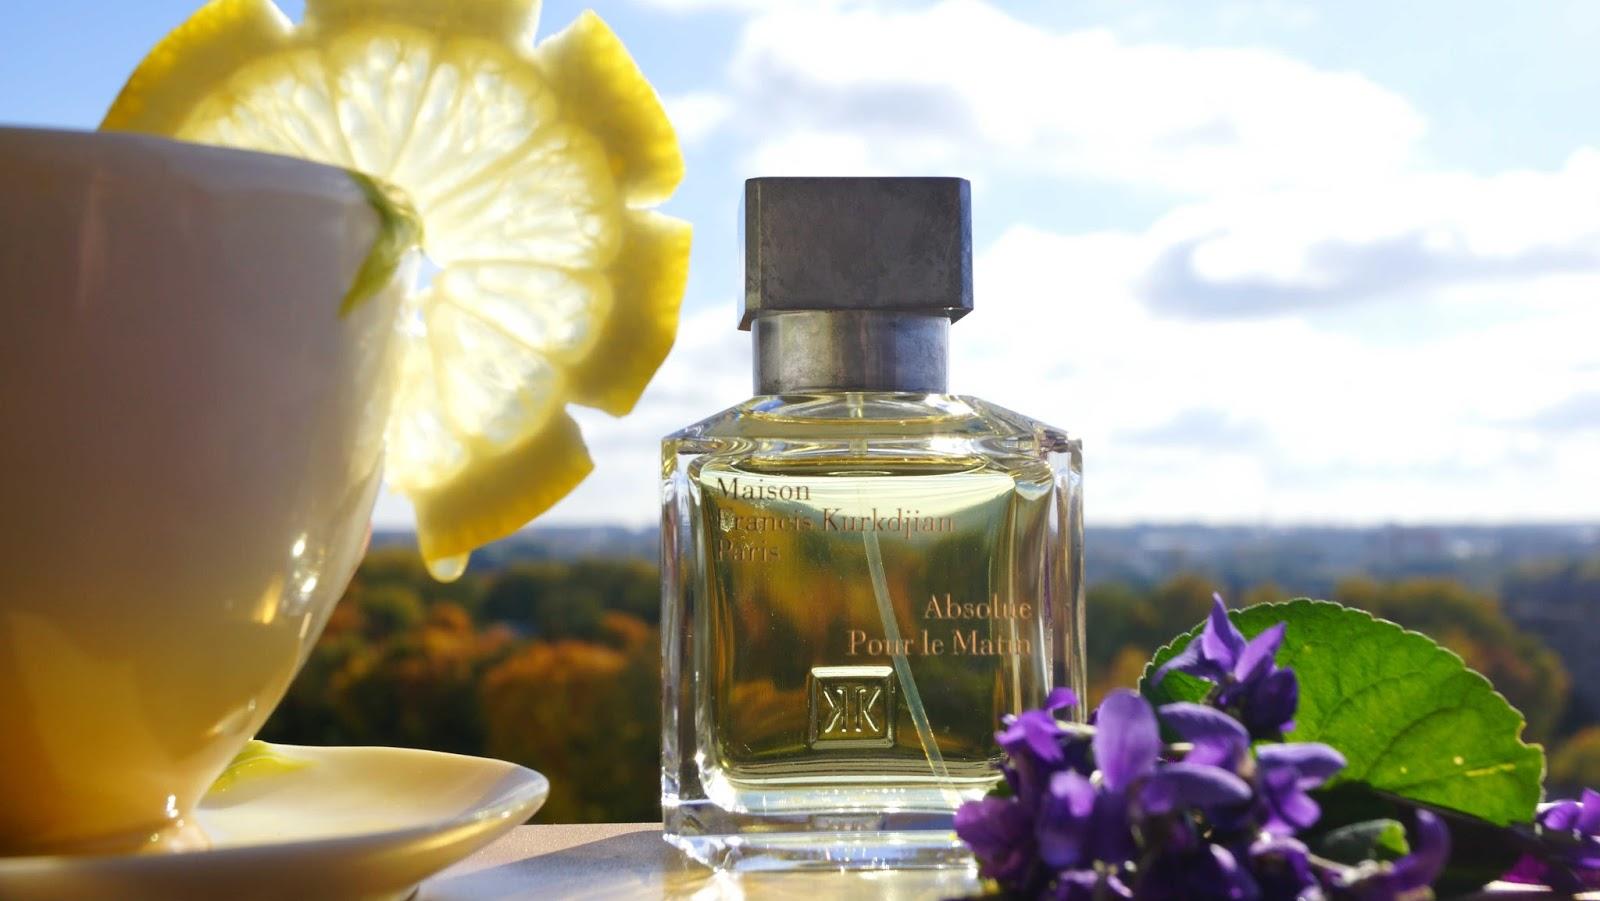 Beauty unearthly maison francis kurkdjian absolue pour le for Absolue pour le soir maison francis kurkdjian